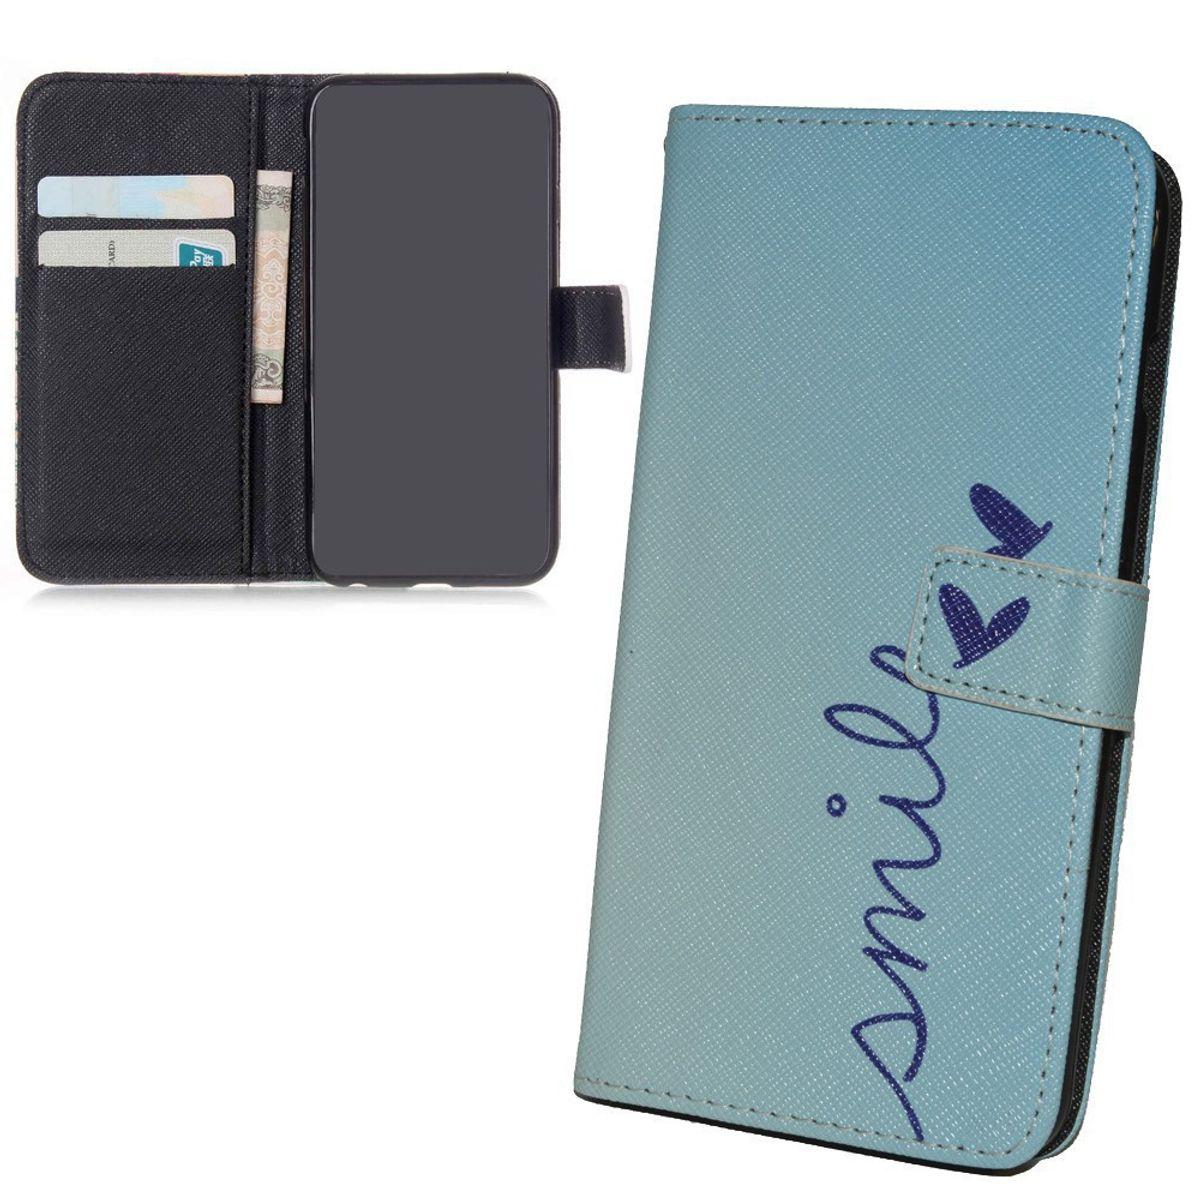 Handyhülle Tasche für Handy Samsung Galaxy J5  Schriftzug Smile Blau